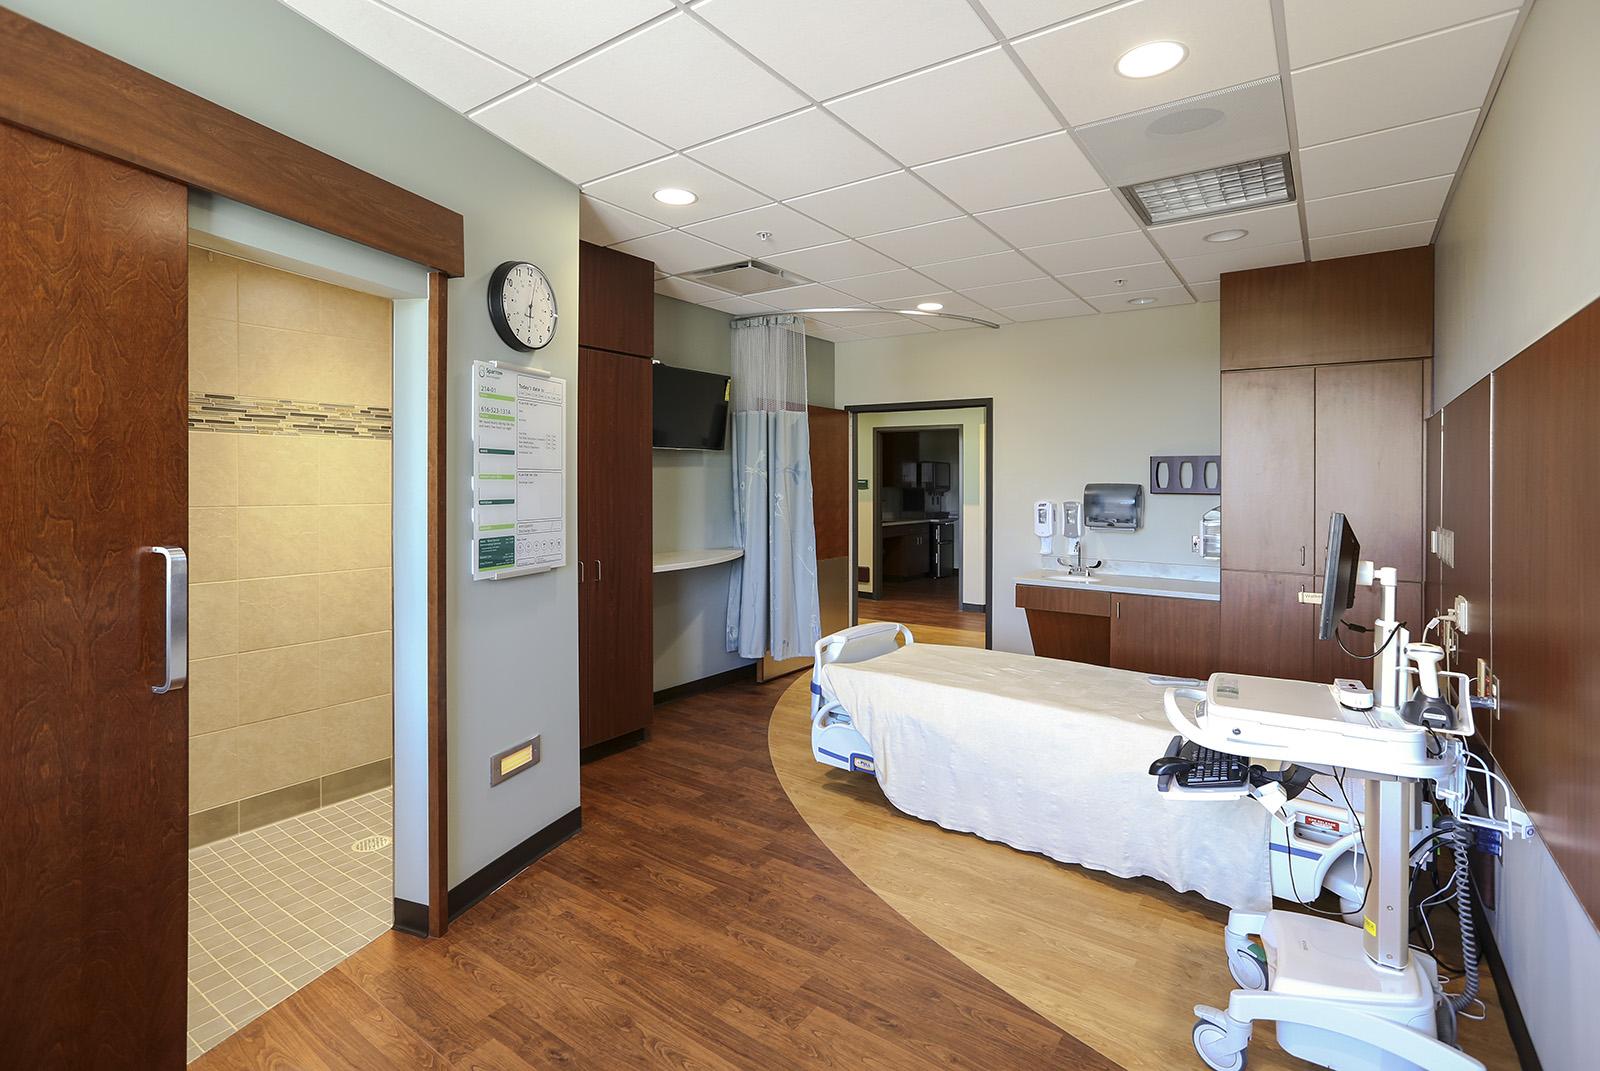 Ionia Hospital-53_mh.jpg